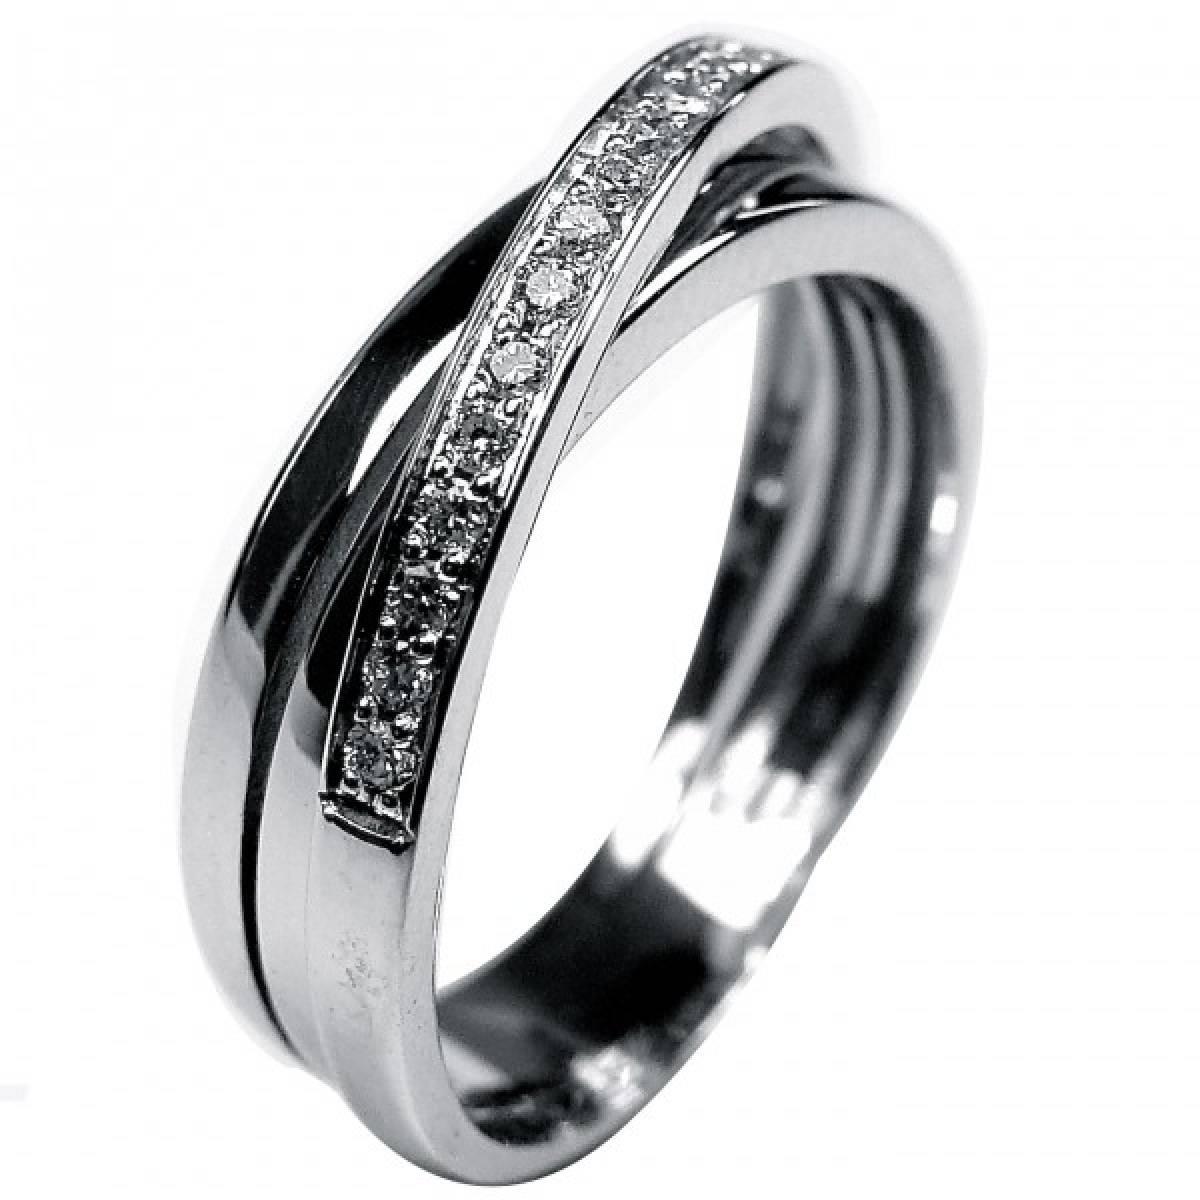 Anel de Noivado com diamantes ou zircónias em ouro de 19,2 kts